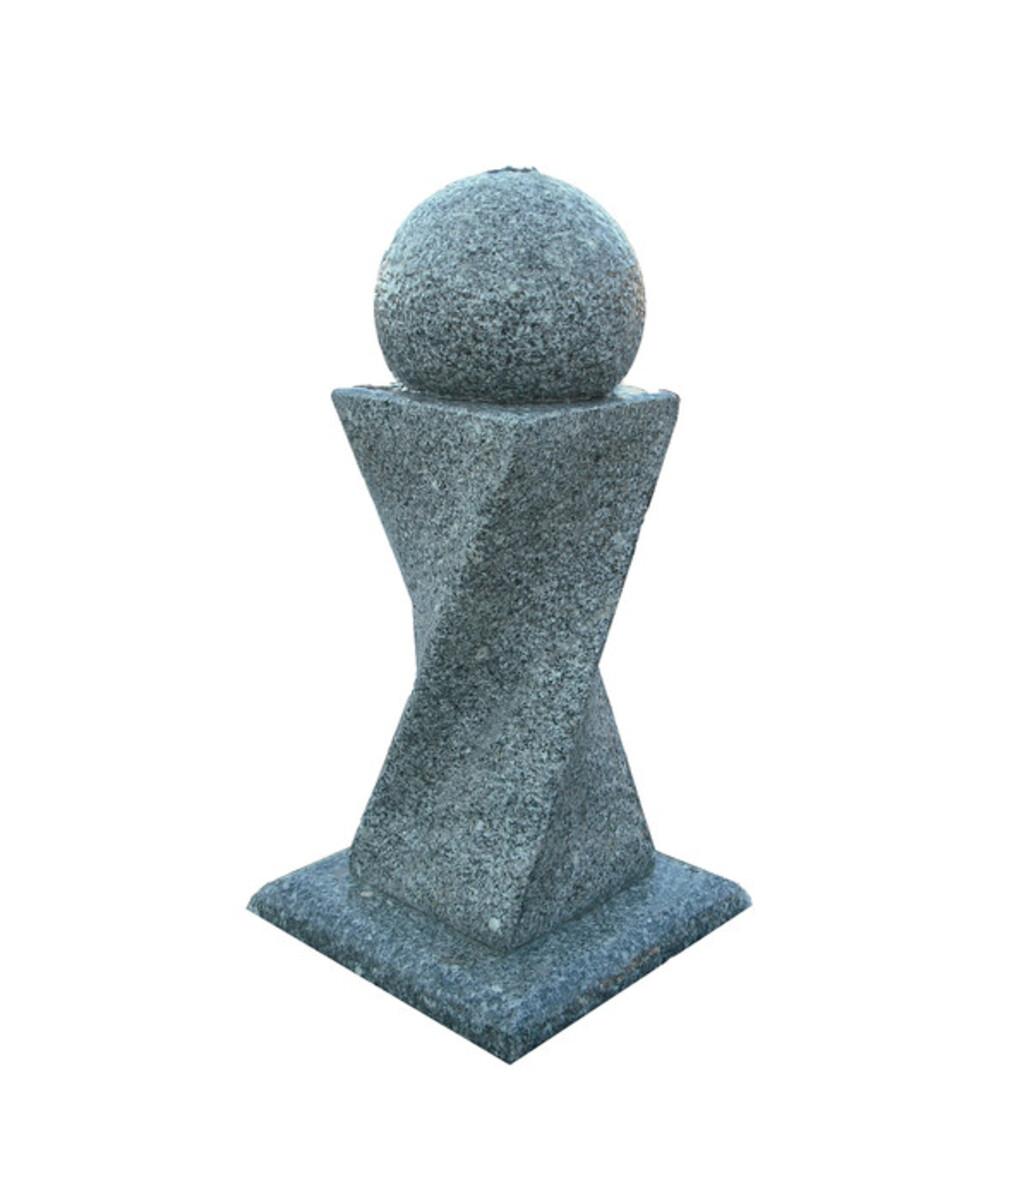 Bild 1 von Dehner Granit-Gartenbrunnen Tower, ca. B56/H90/T56 cm